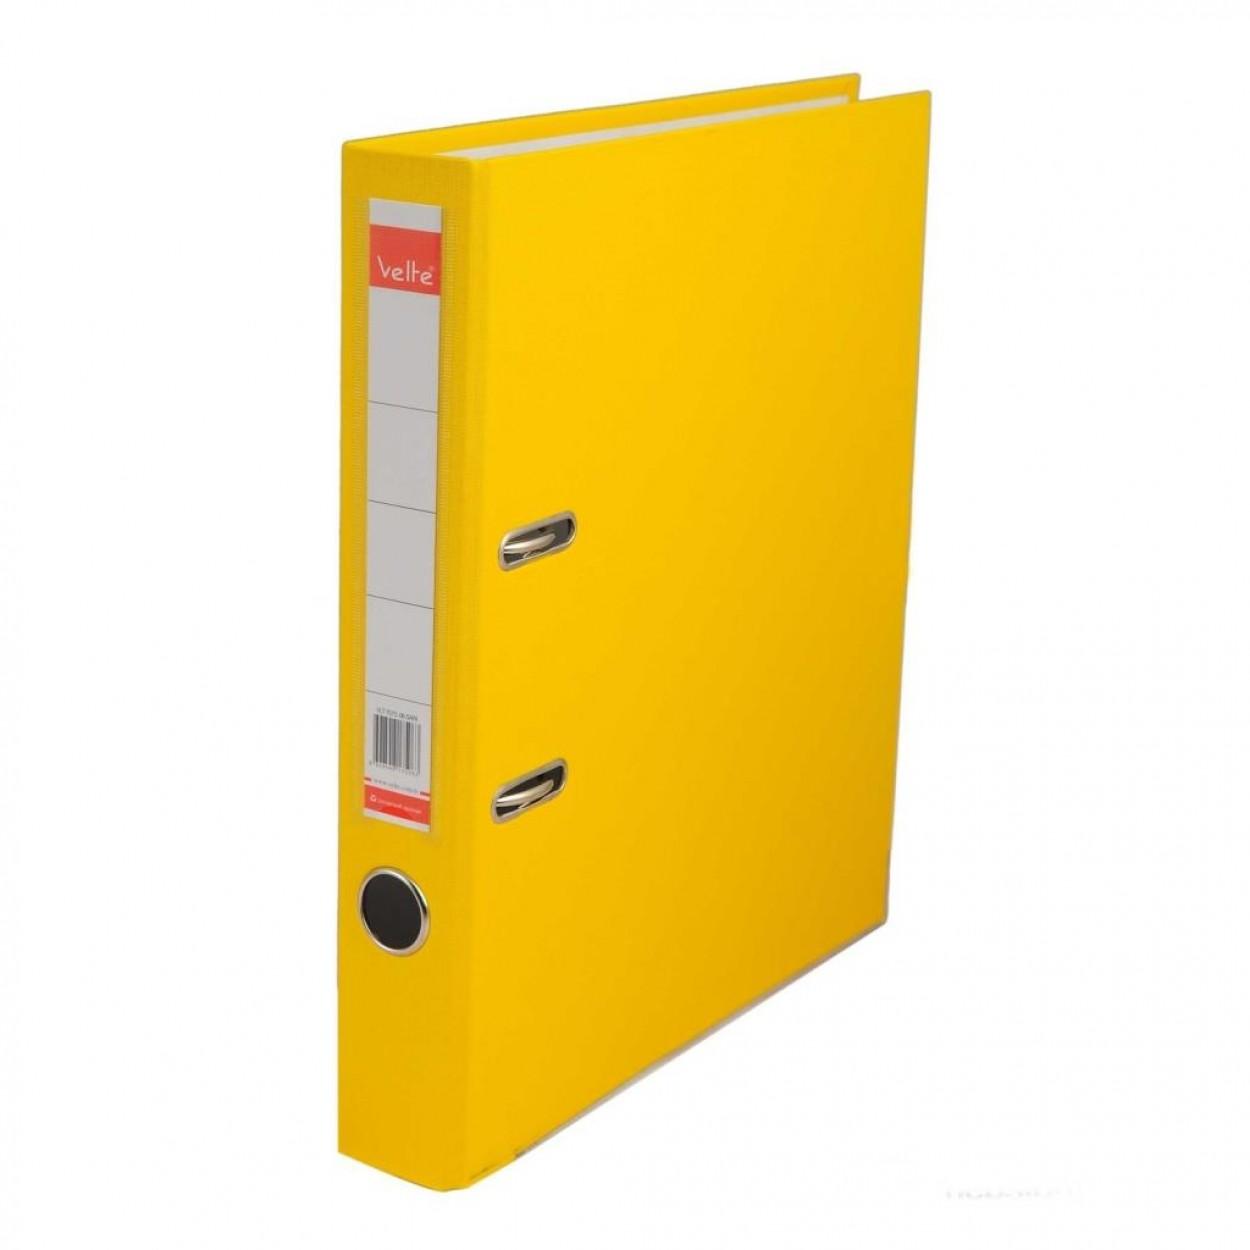 Velte Plastik Klasör Dar Sarı Renk 30 Lu Koli